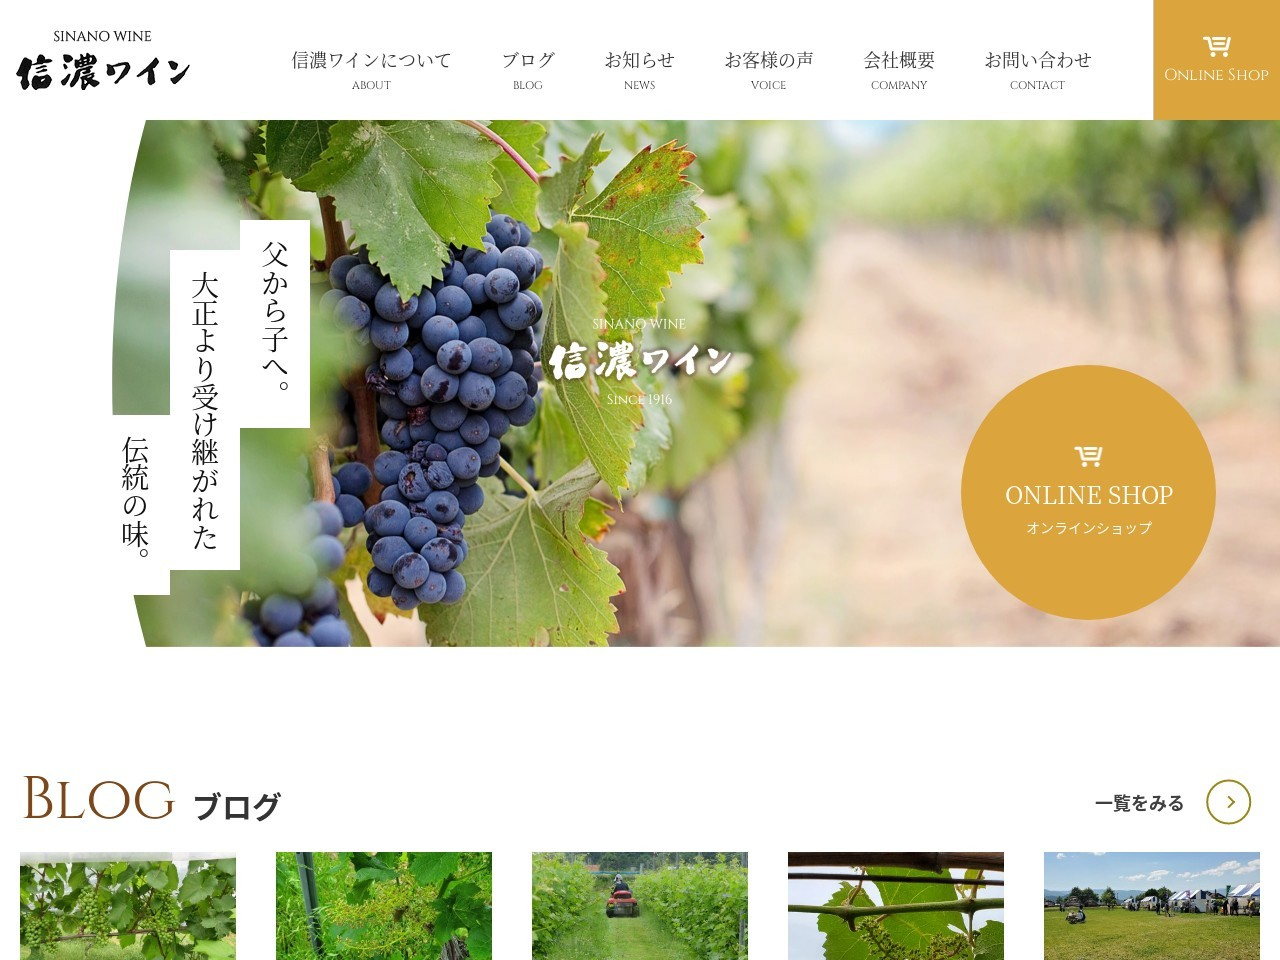 信濃ワイン公式ホームページ 信州塩尻桔梗ヶ原から